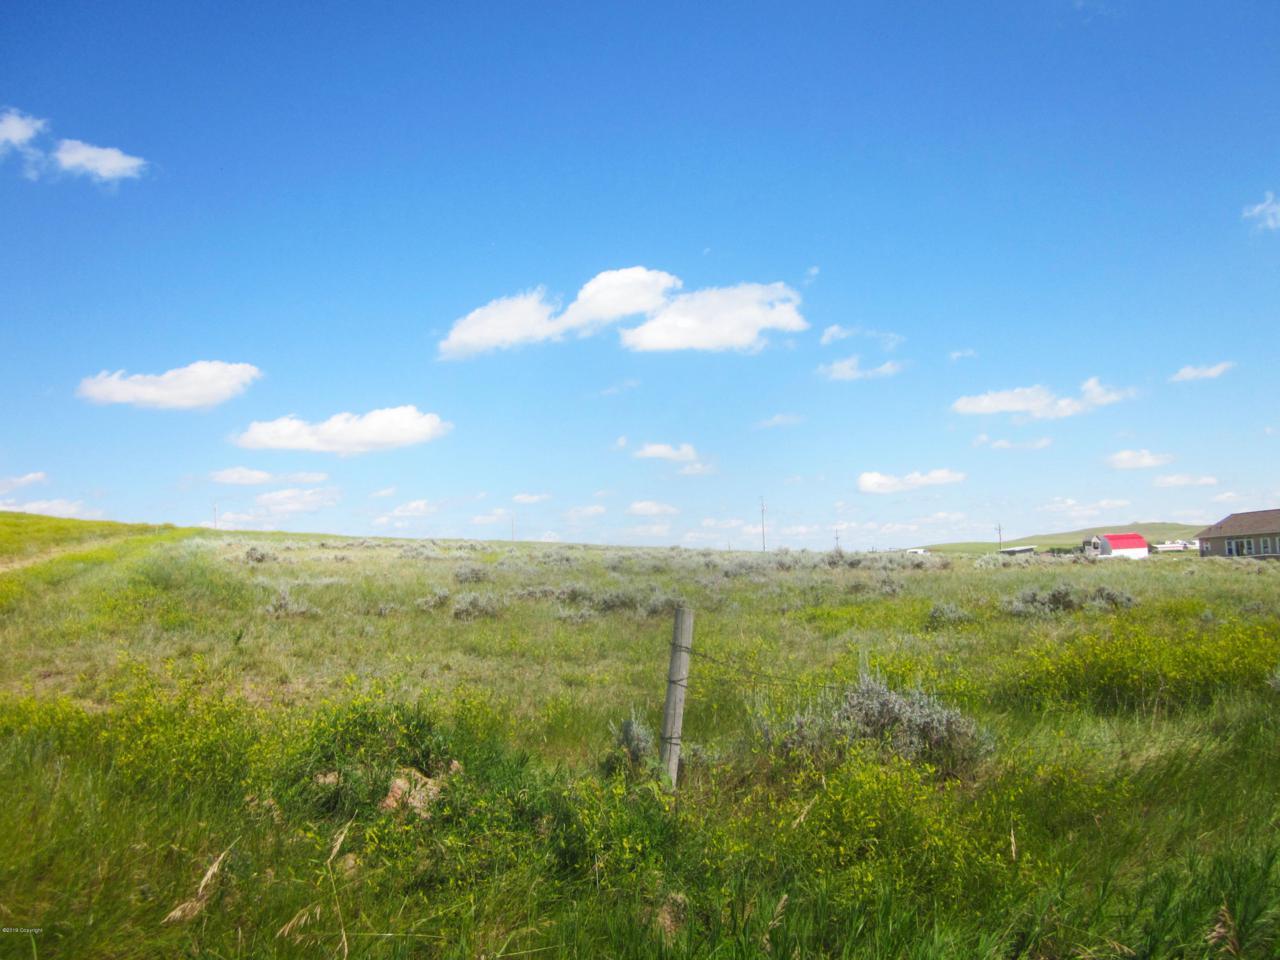 Tbd Prairie St - Photo 1